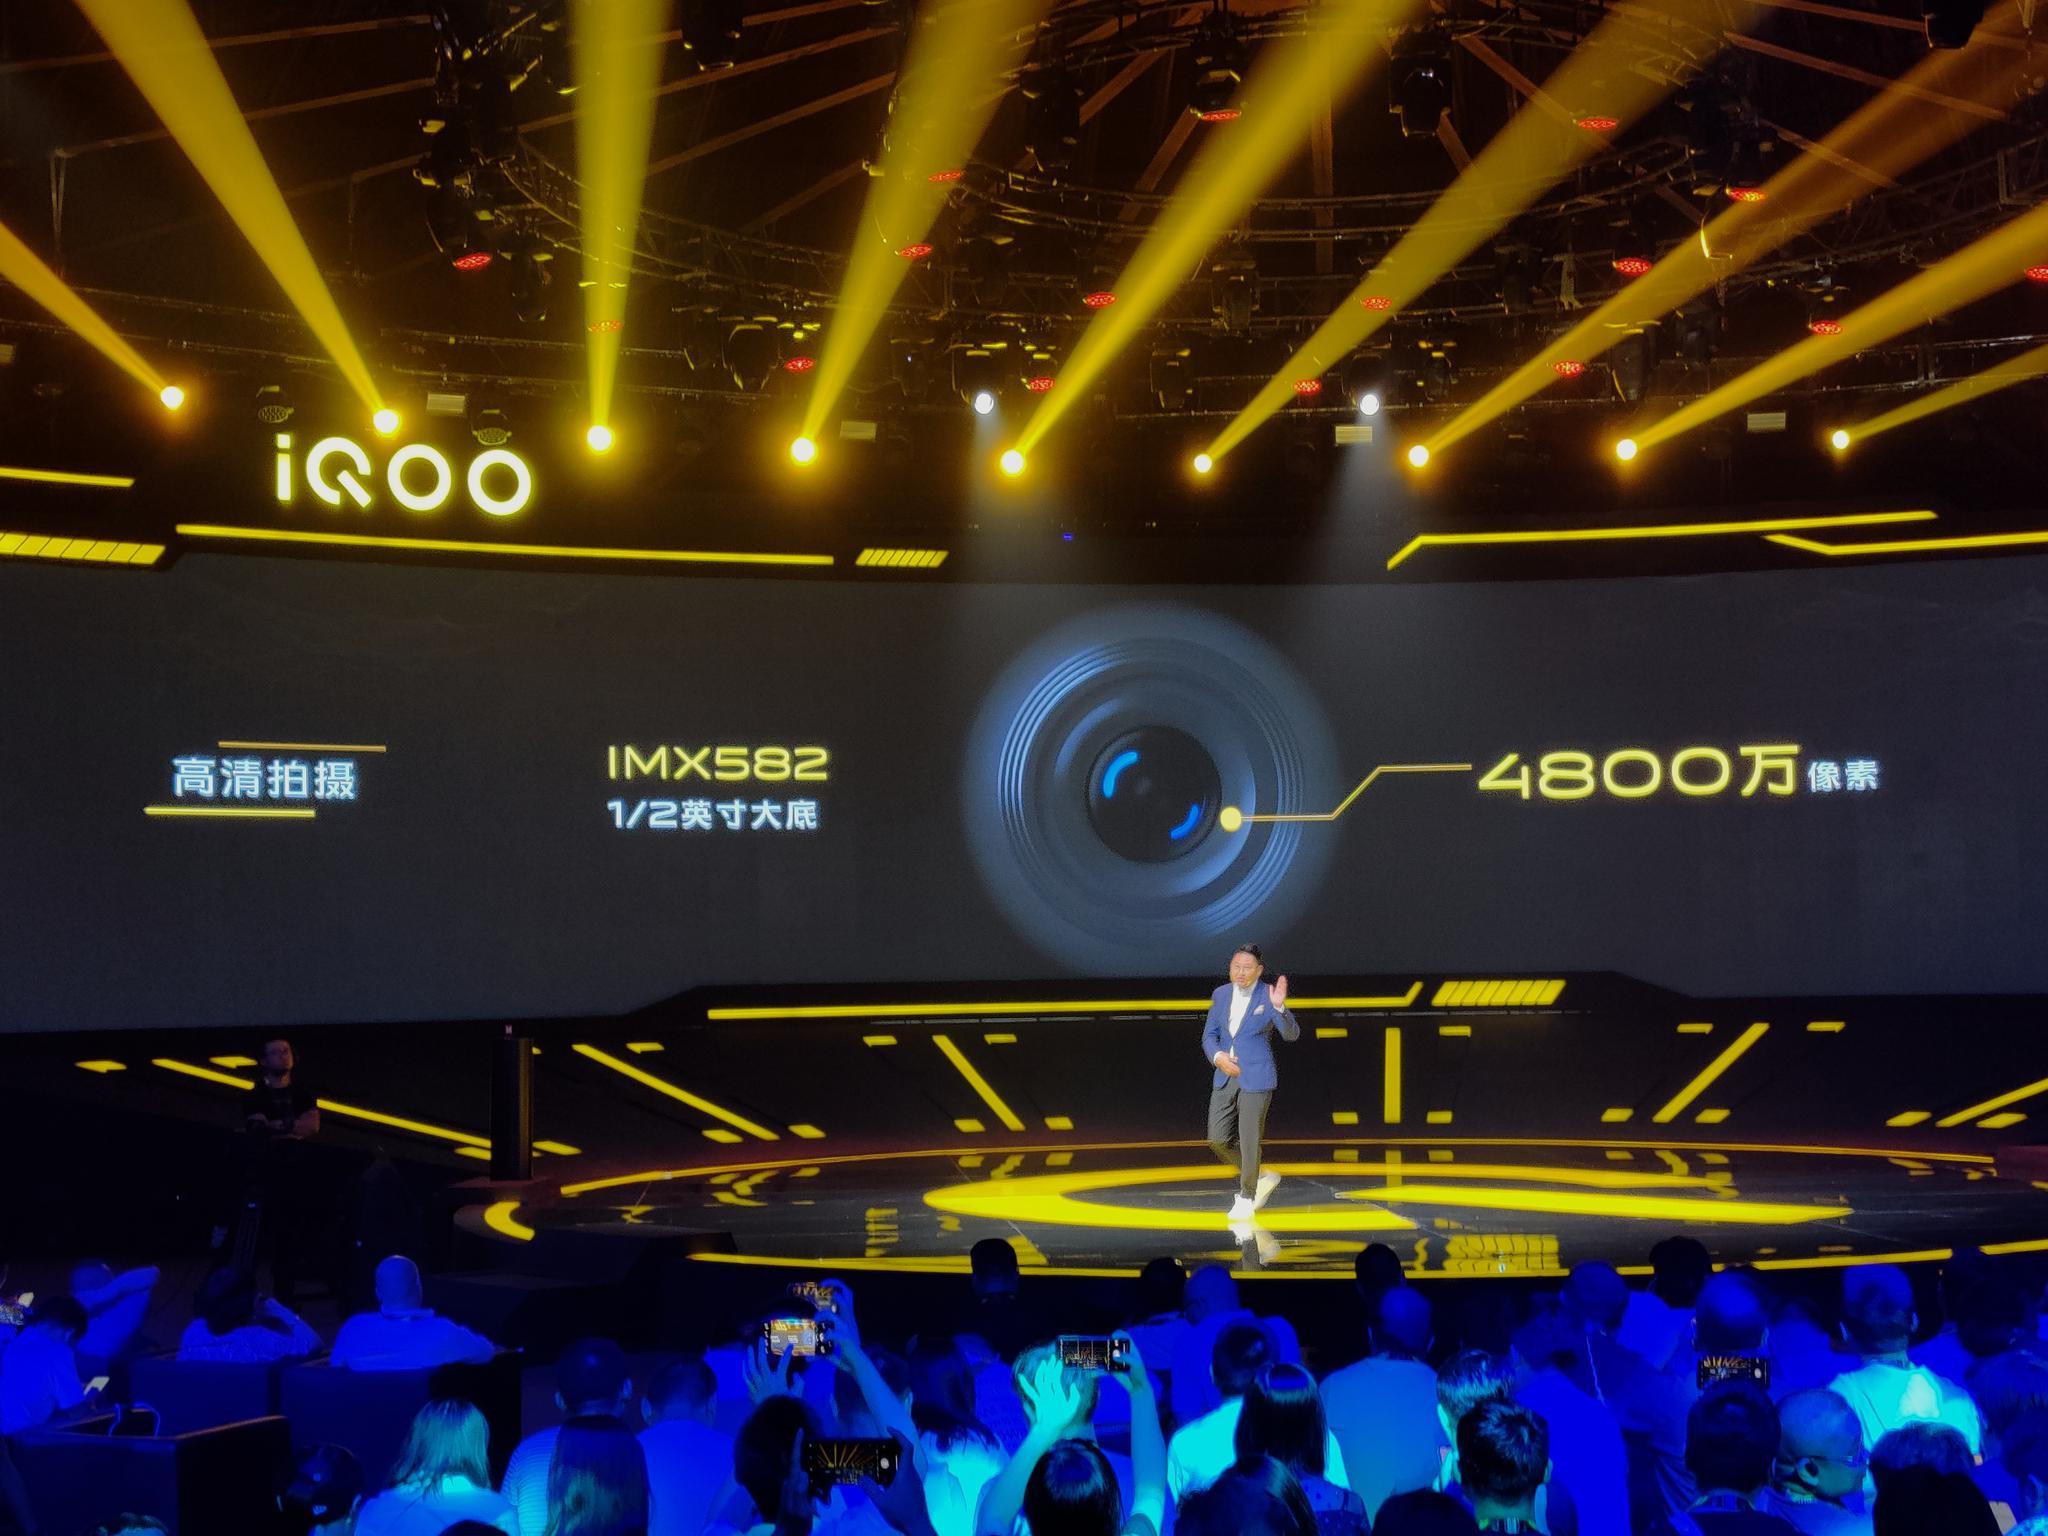 IQOO Pro 后置三摄里主摄为 4800W 像素索尼 IMX582 传感器